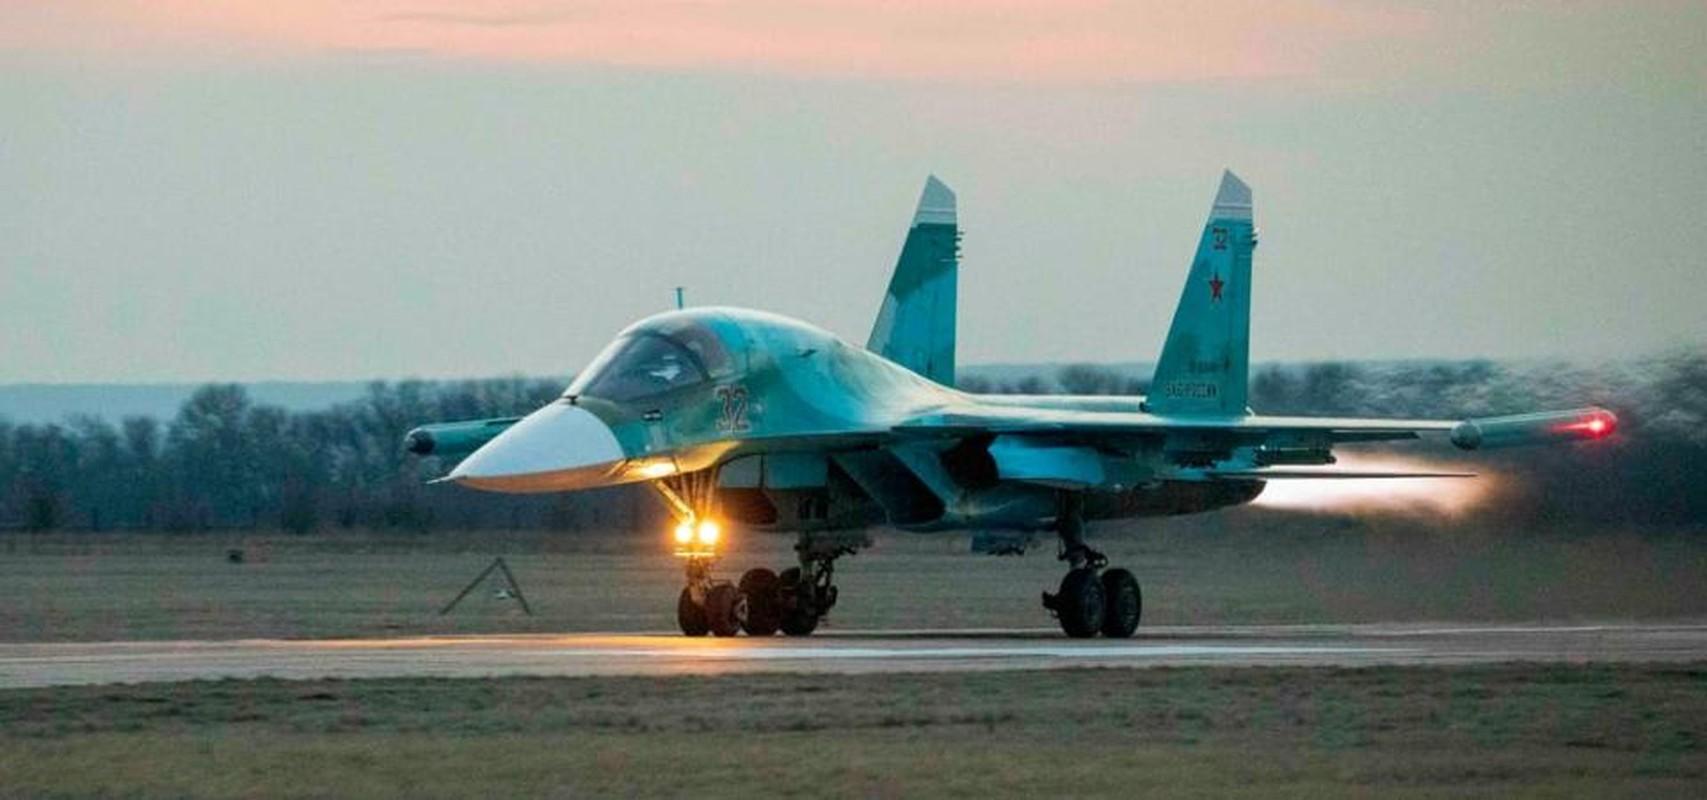 Neu mua duoc tiem kich bom Su-34M, Khong quan Algeria se manh toi dau?-Hinh-7